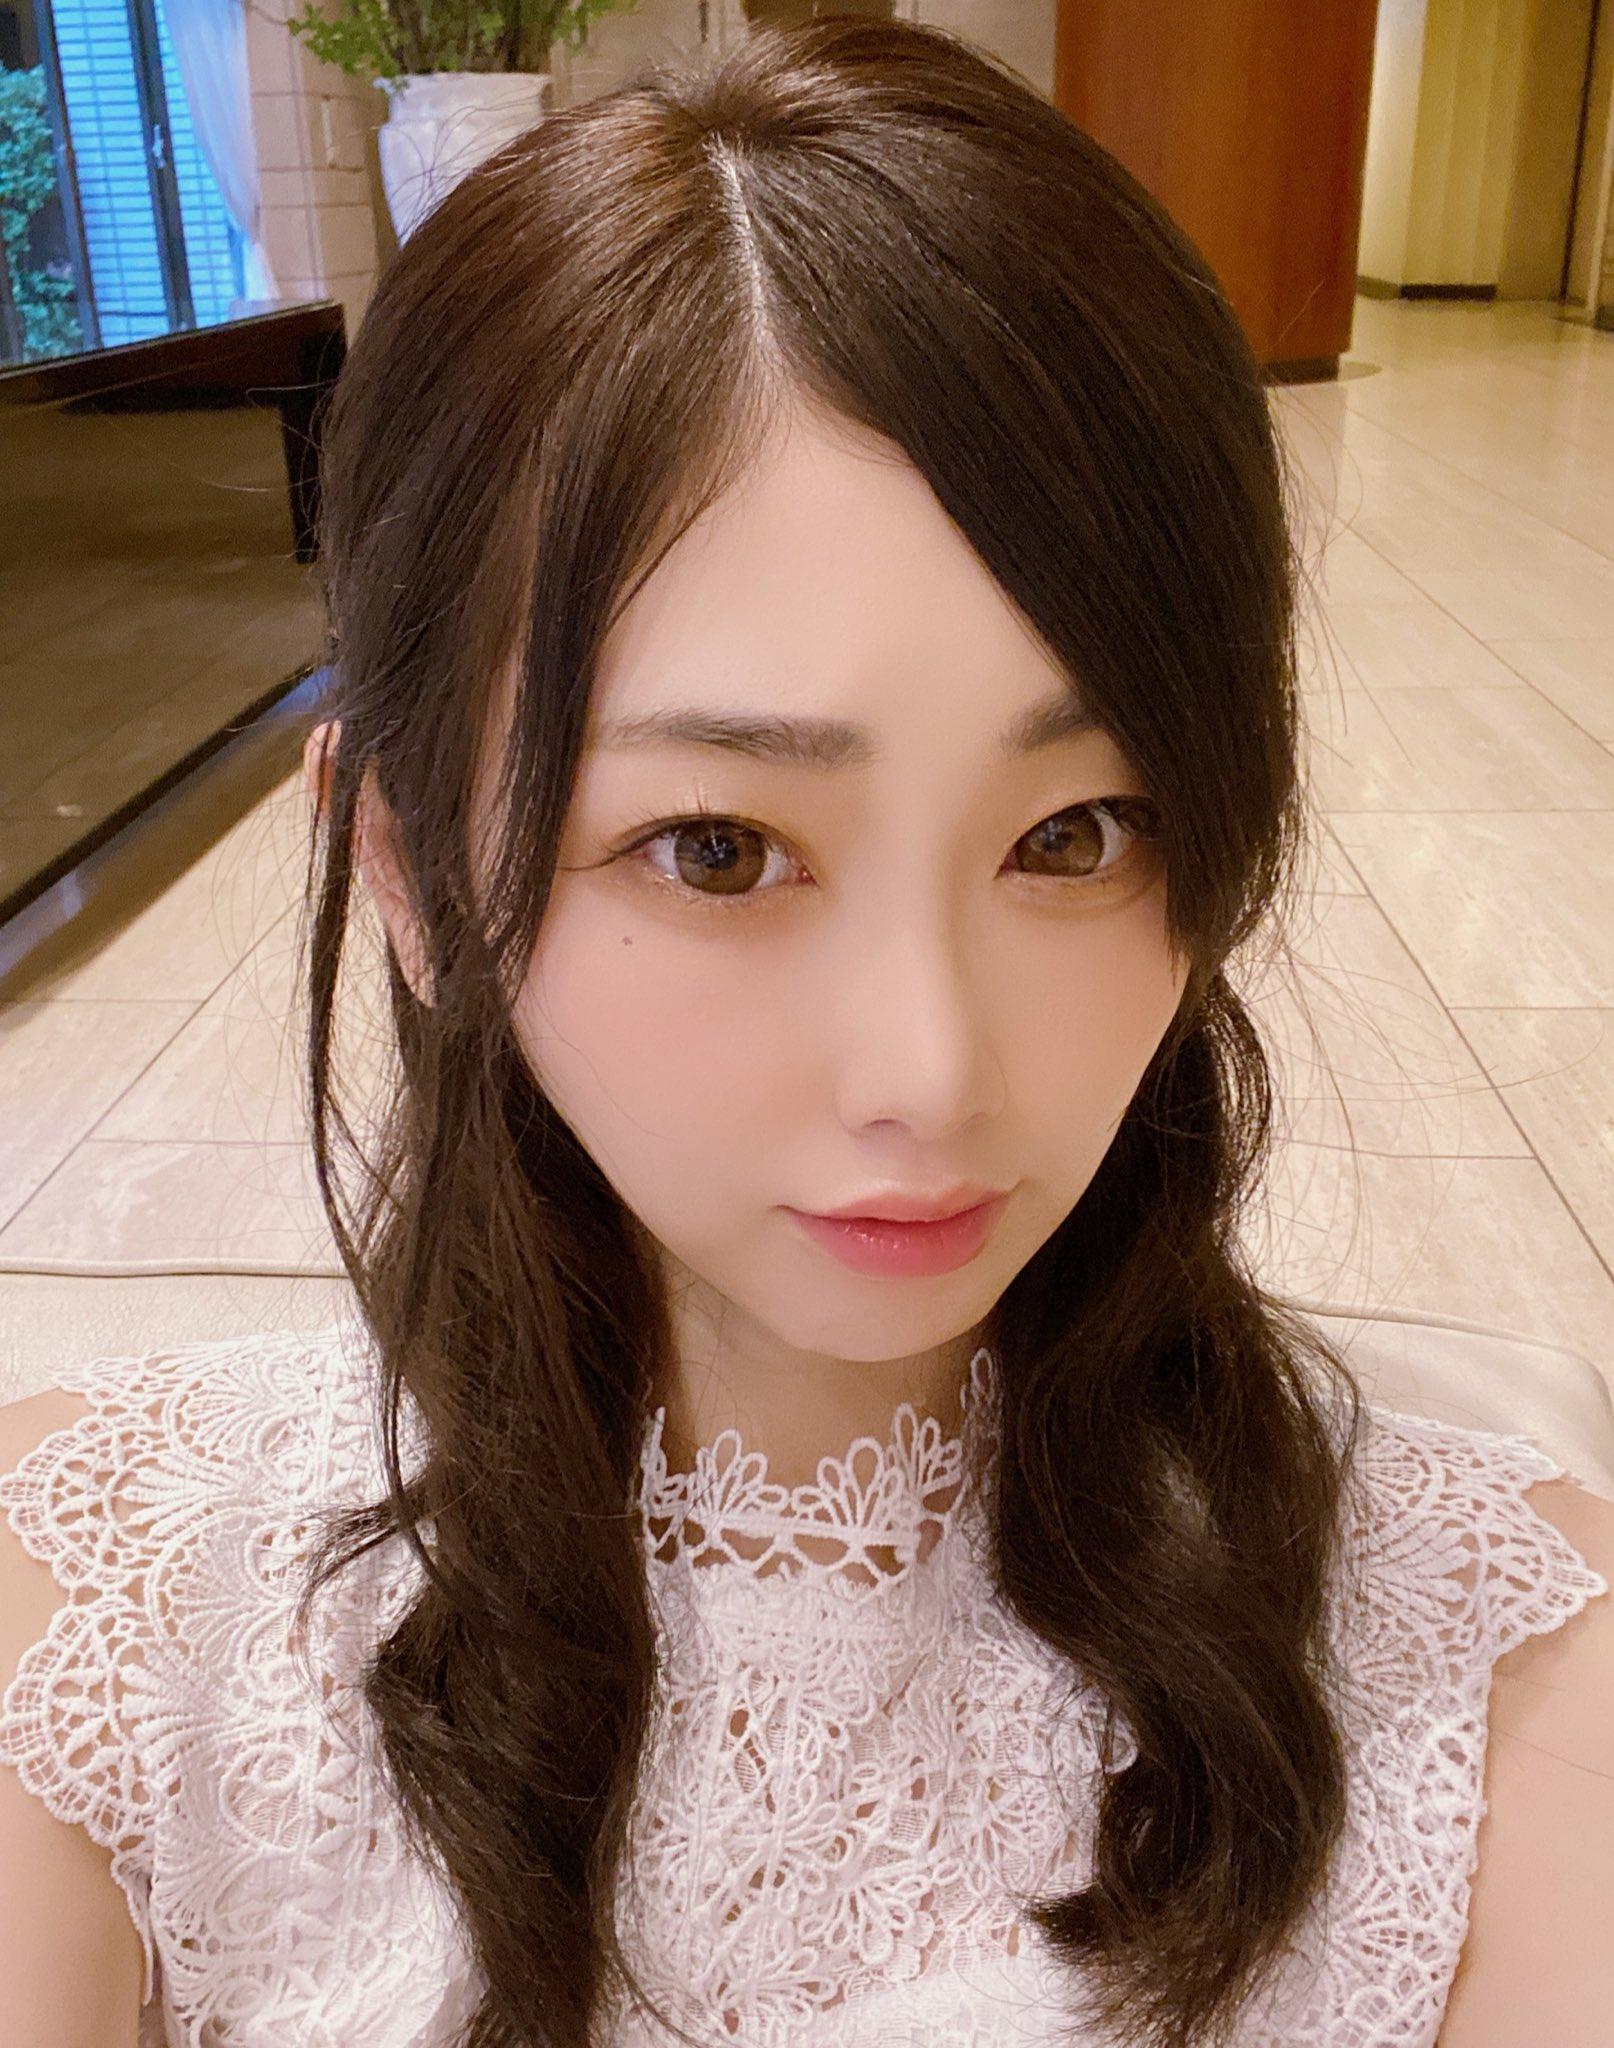 画像,皆様こんにちは!マドンナ専属女優の小松杏です。これから頑張っていきますので、応援宜しくお願いします!Twitterフォロー是非お待ちしております!#拡散希望#マ…